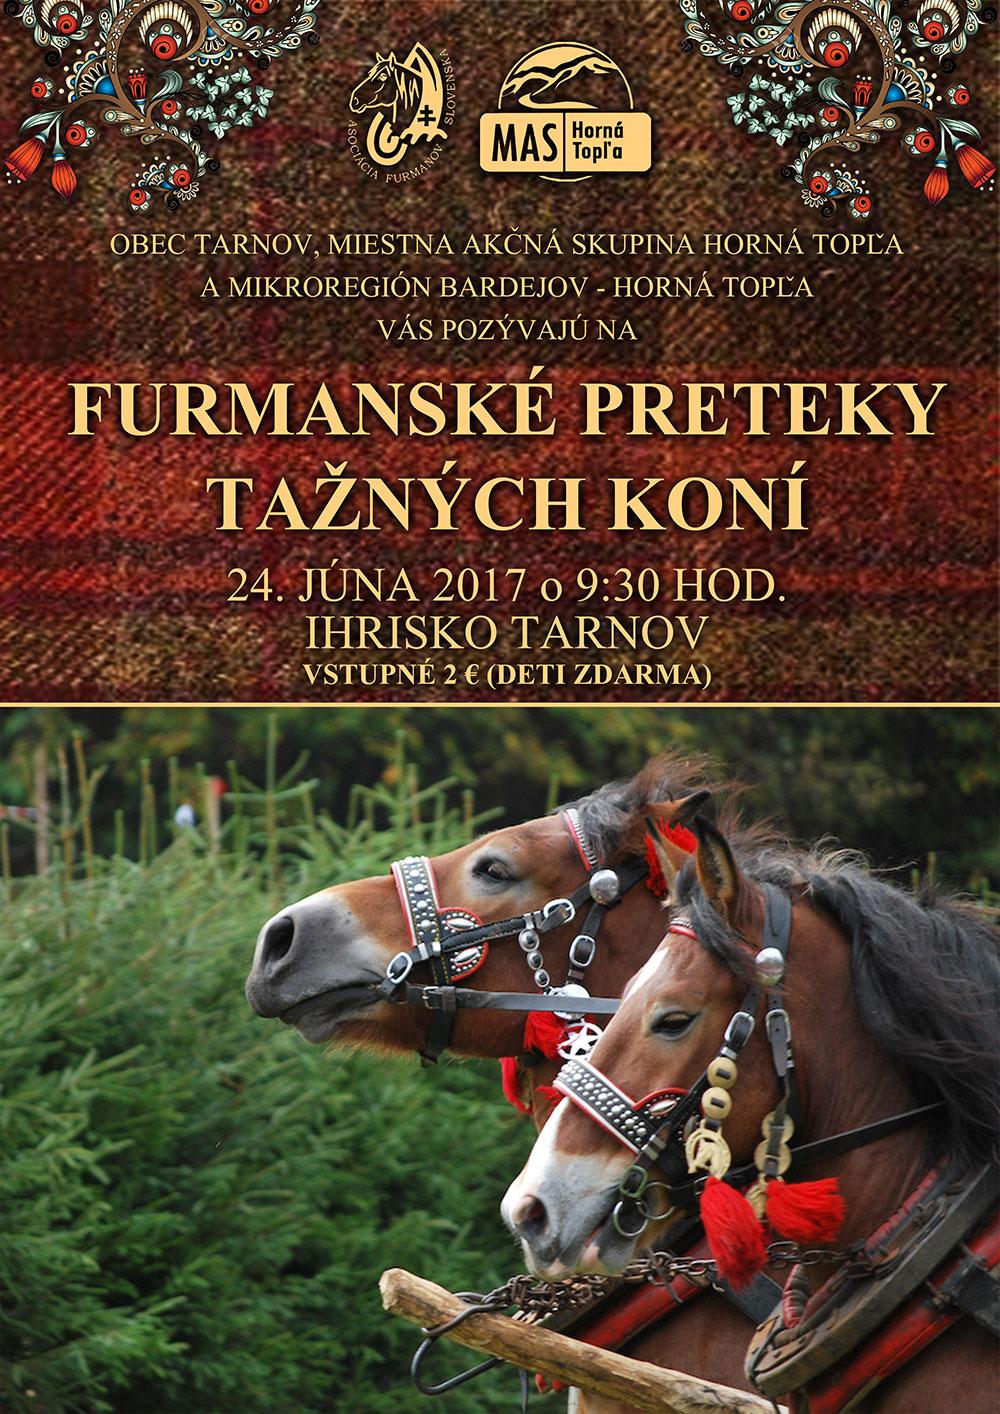 Furmarské preteky ťažných koní v Tarnove